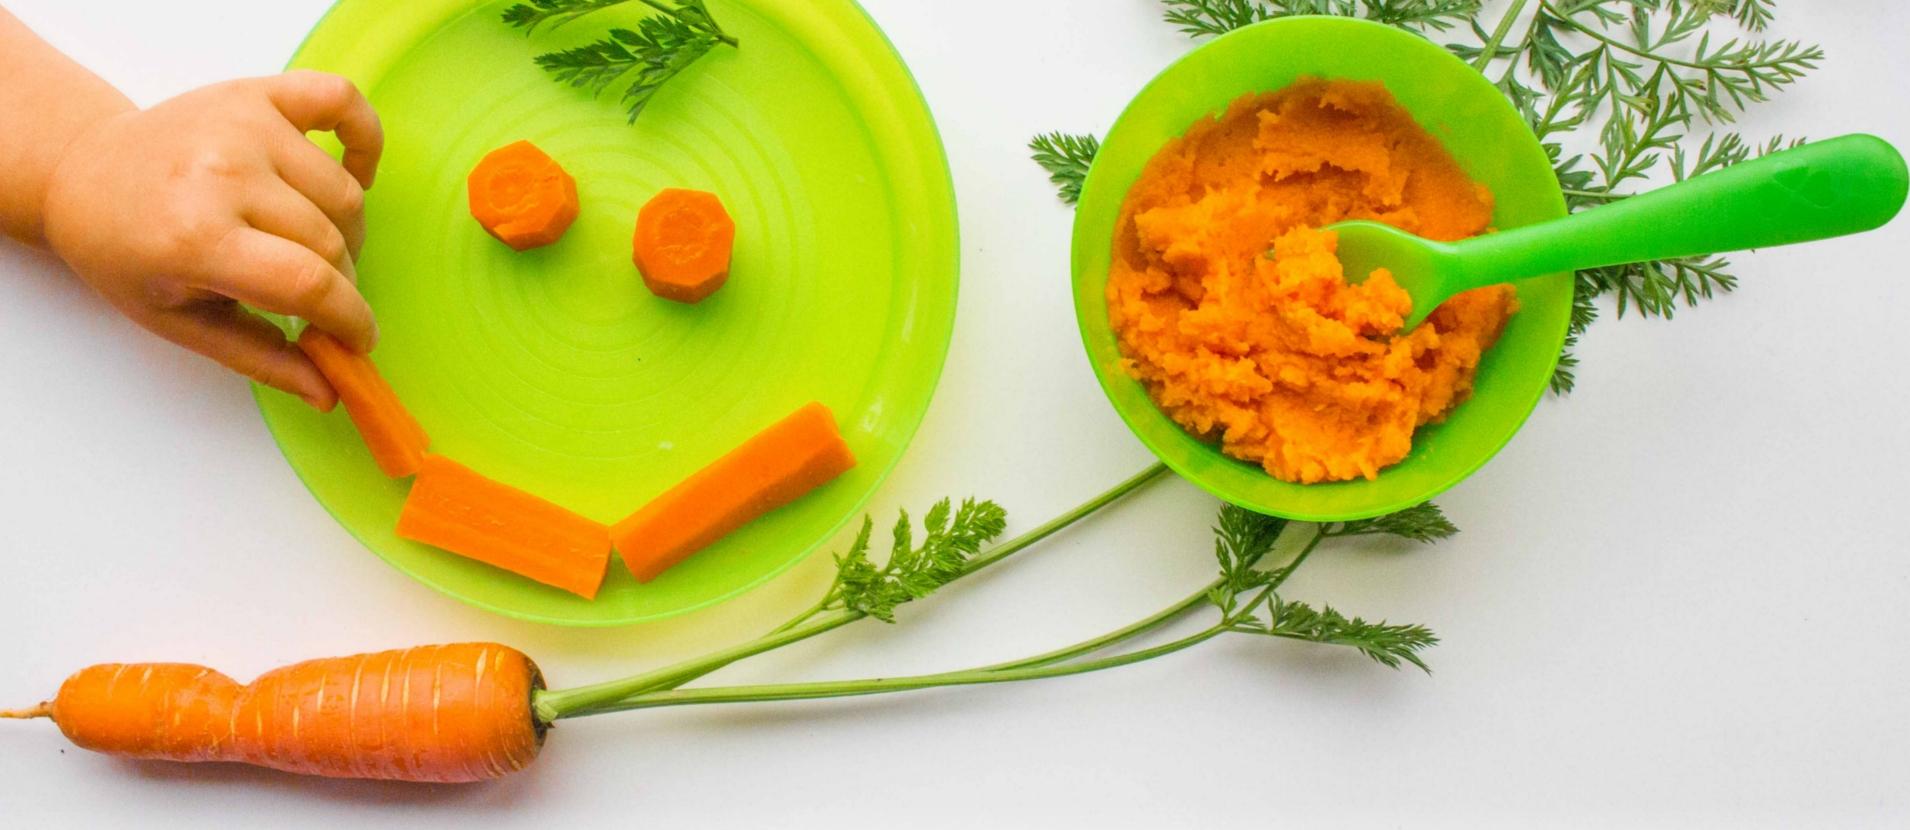 rozszerzanie diety niemowlęcia BLW